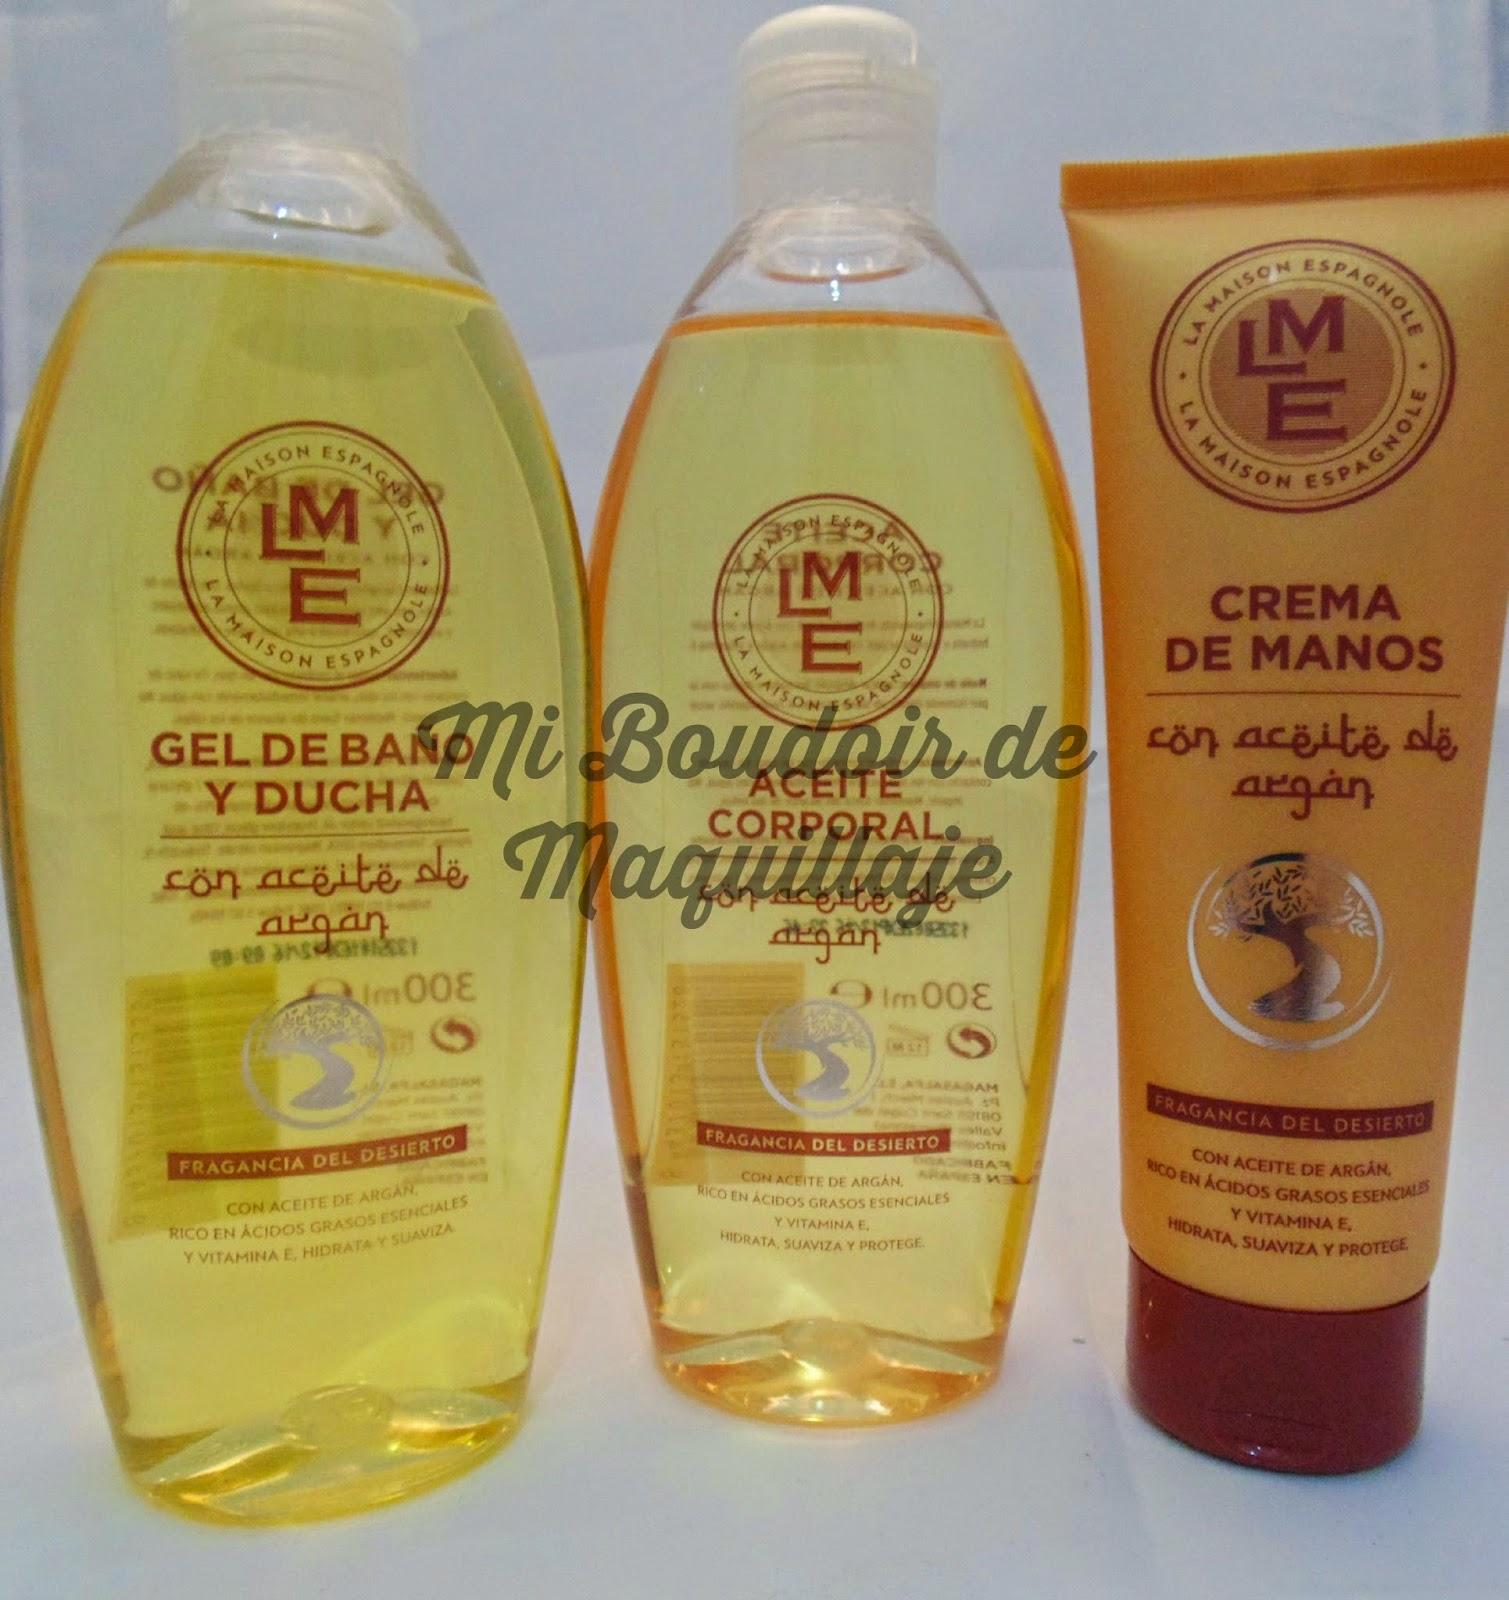 La Maison Espagnole gel, aceite y crema manos Argán